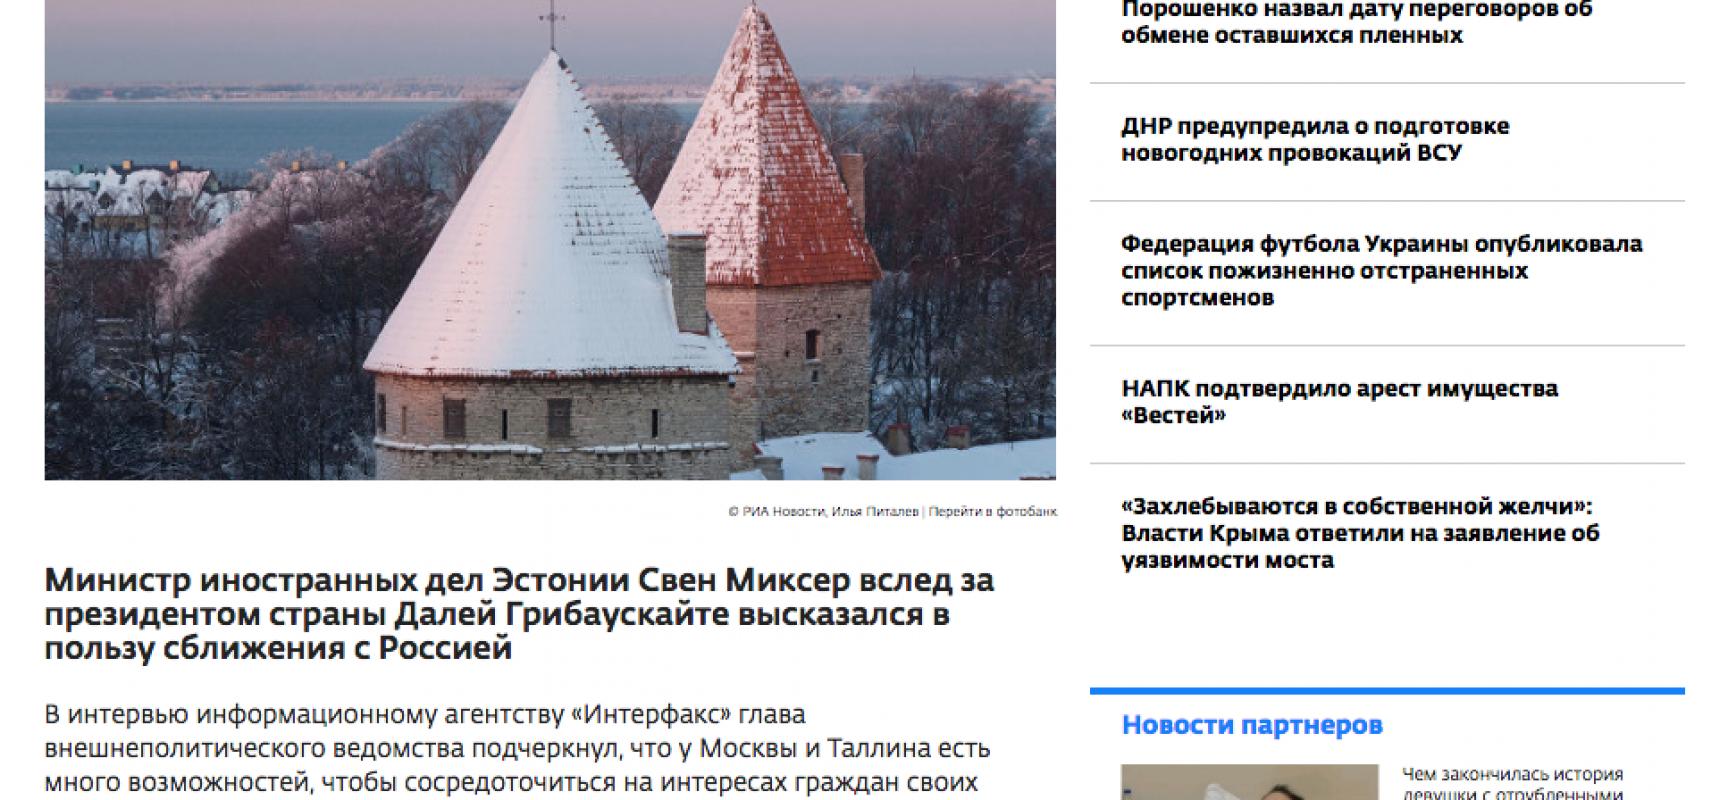 Fake: L'Unione Europea cerca di migliorare le relazioni con la Russia a qualsiasi costo